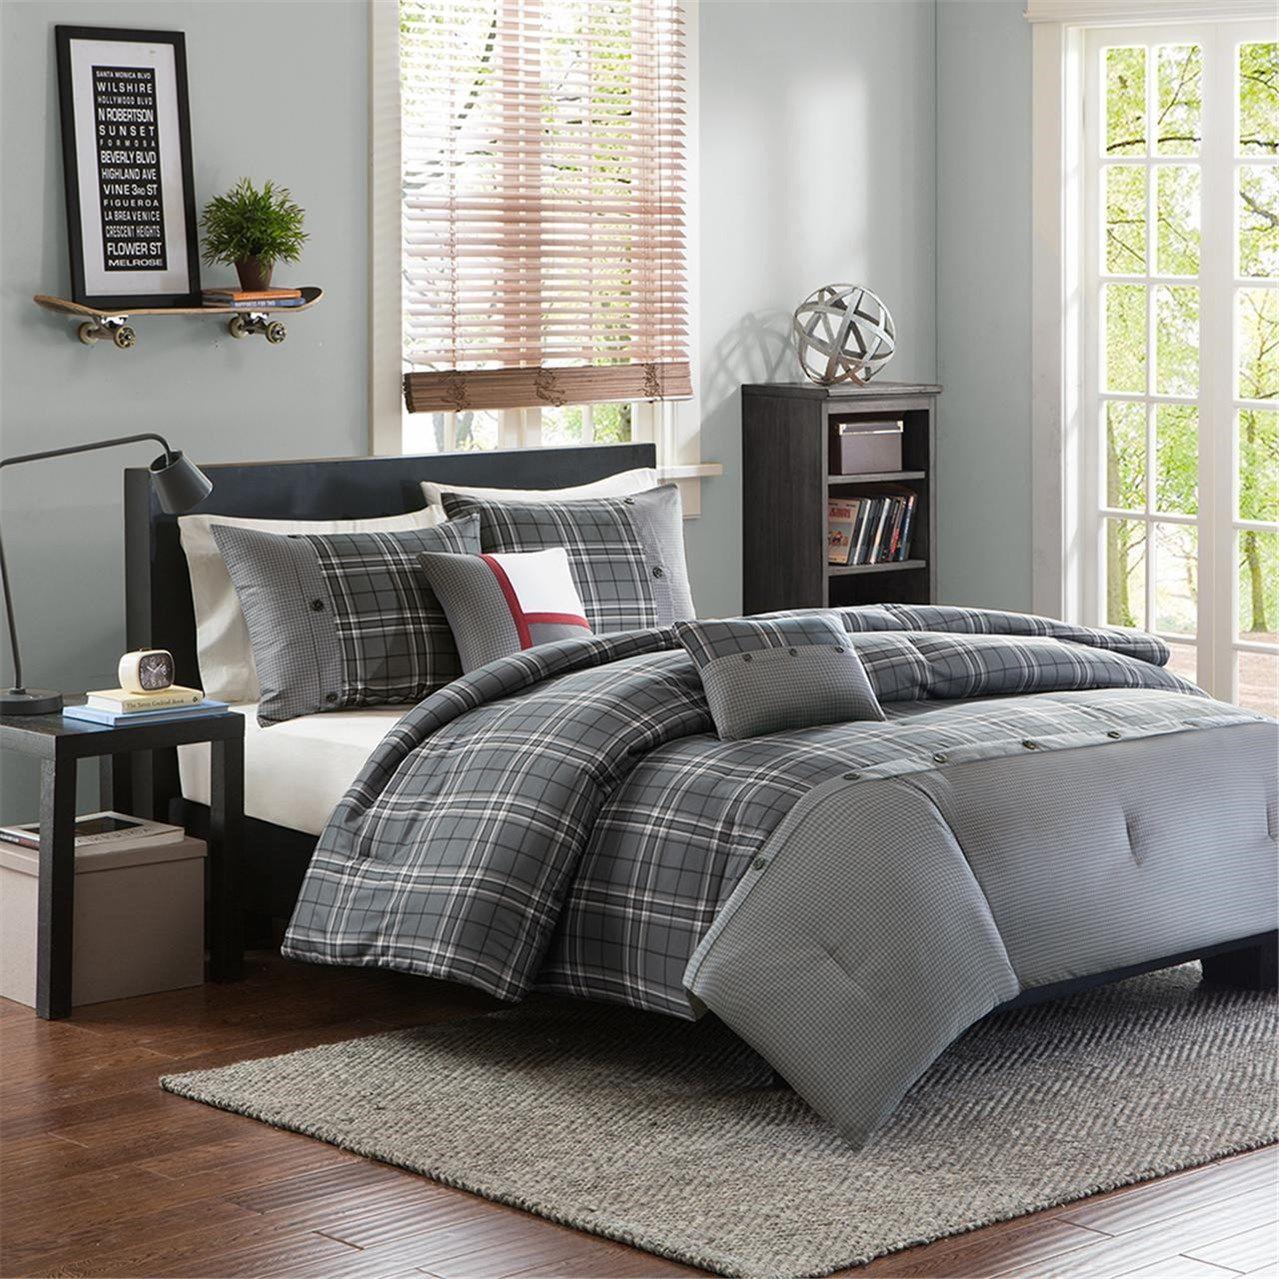 Boy plaid bedding - Bedding